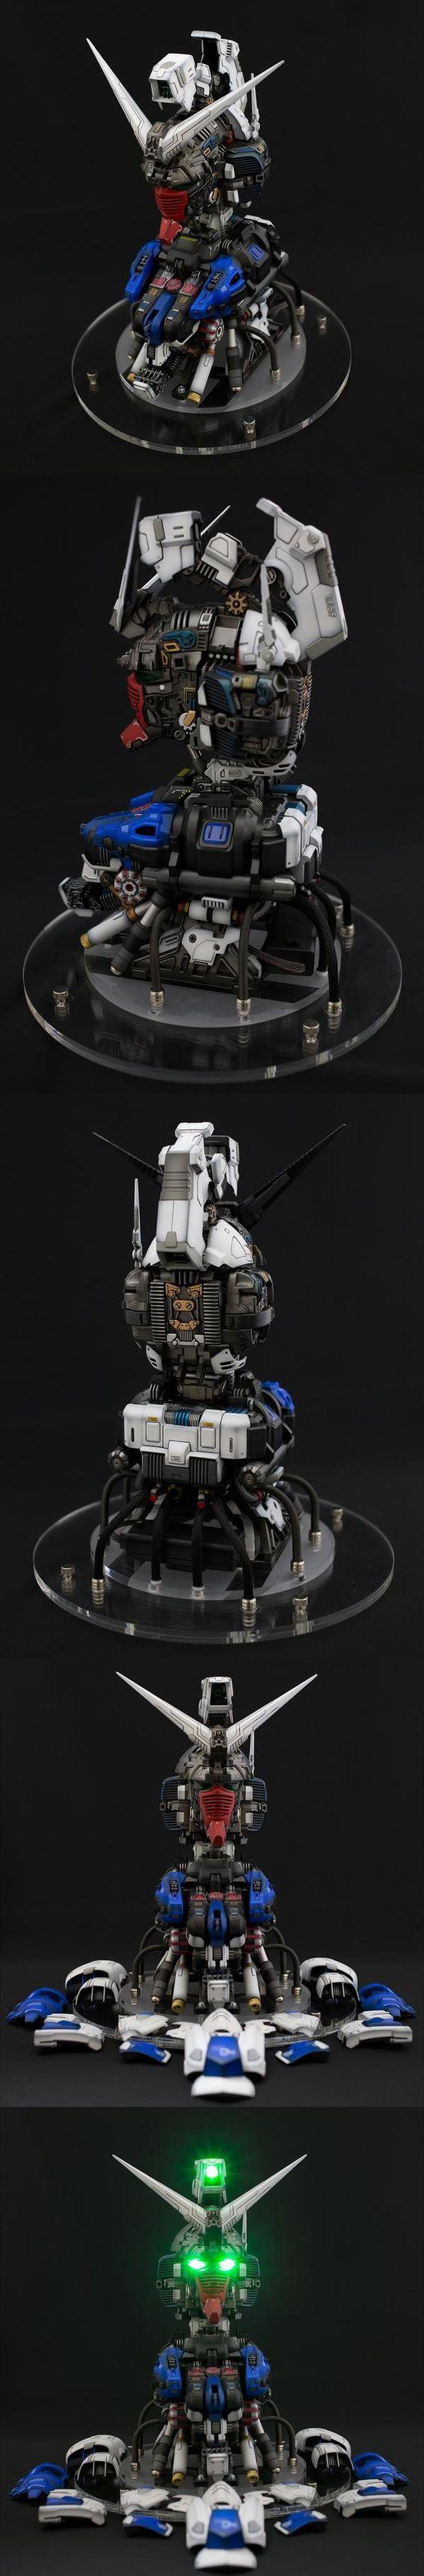 しんちゃん's AMAZING 1/20 Gundam Head RX-78GP04G GERBERA FULL HATCH OPEN, w/LEDs. FULL REVIEW, info